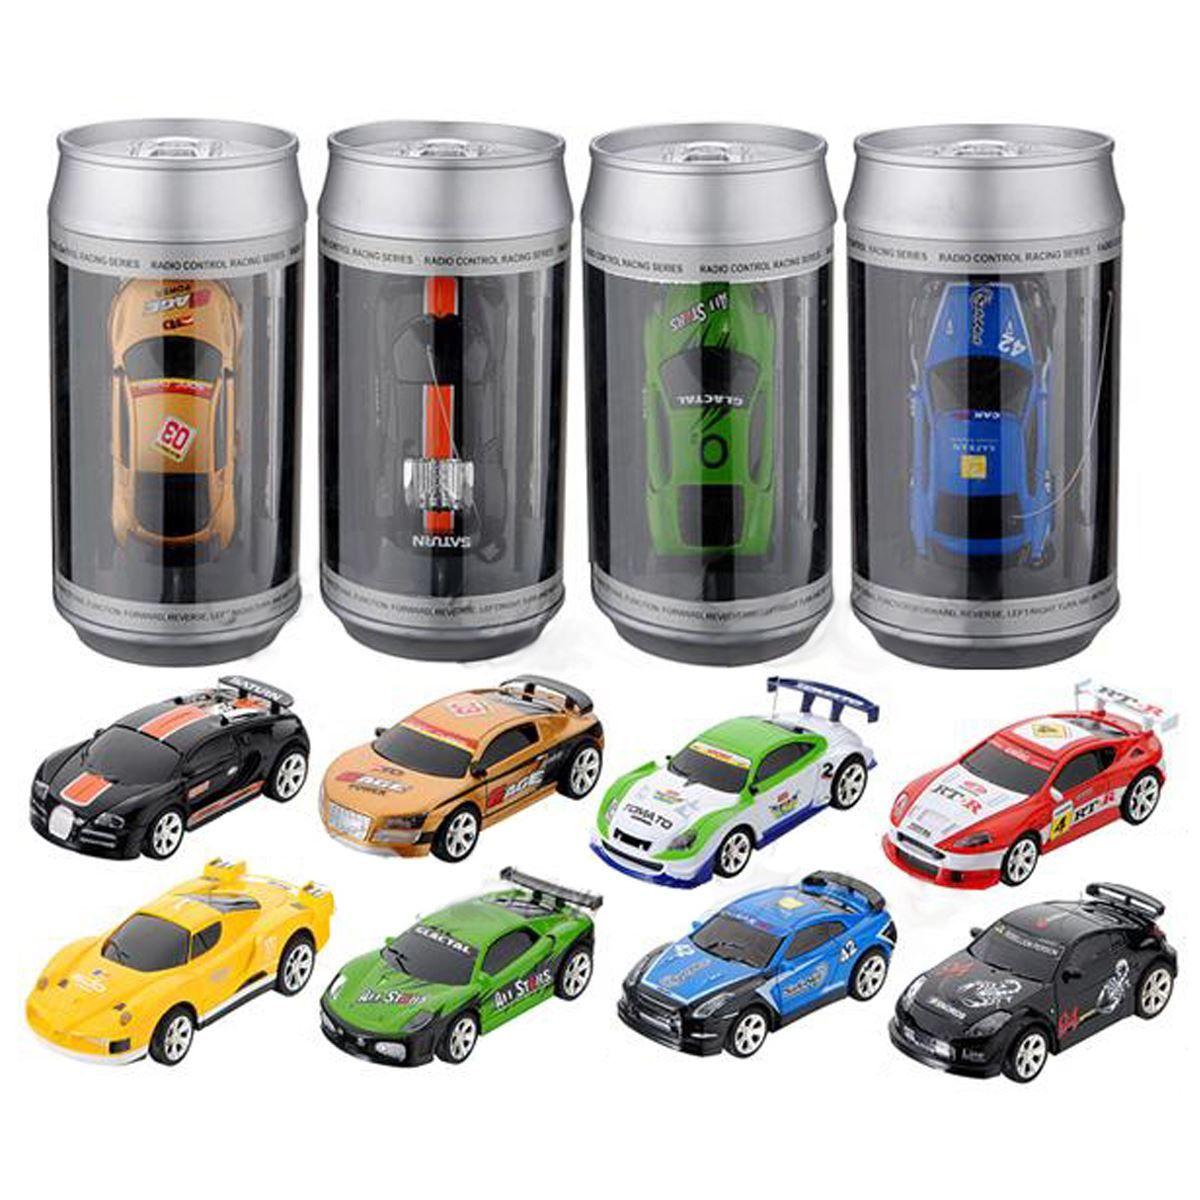 8 colores ventas calientes 20 km/h Coca-Cola puede mini rc car Radios Control remoto micro Car Racing 4 frecuencias juguete para niños